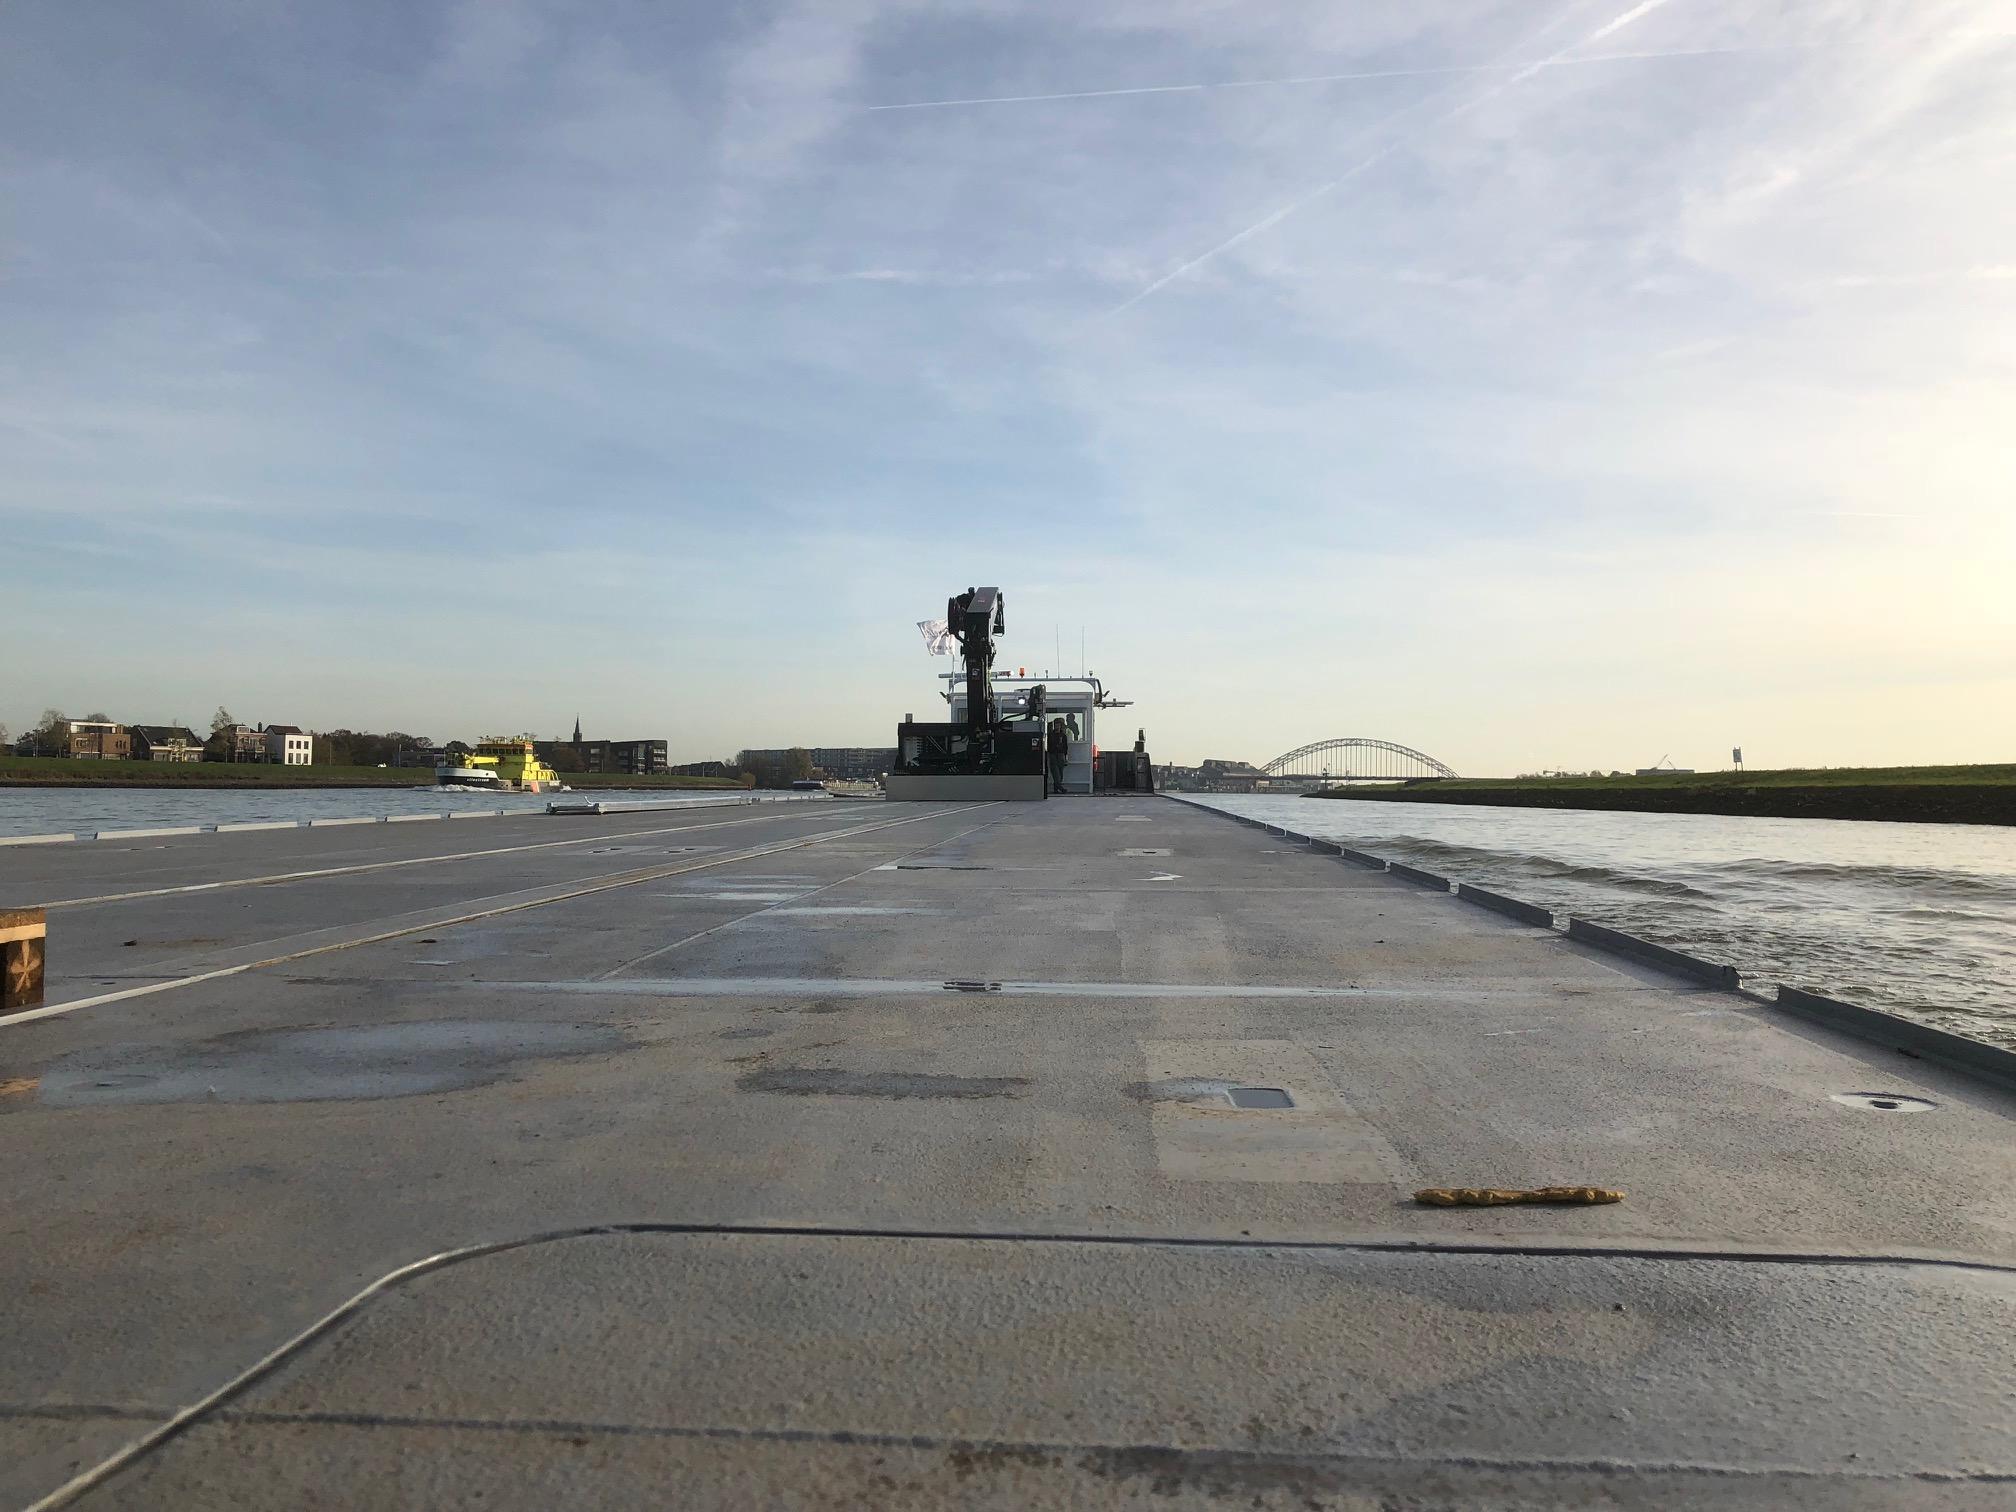 Dutch quality werkschepen water Alblasserwaard Groeneveldt Marine Service